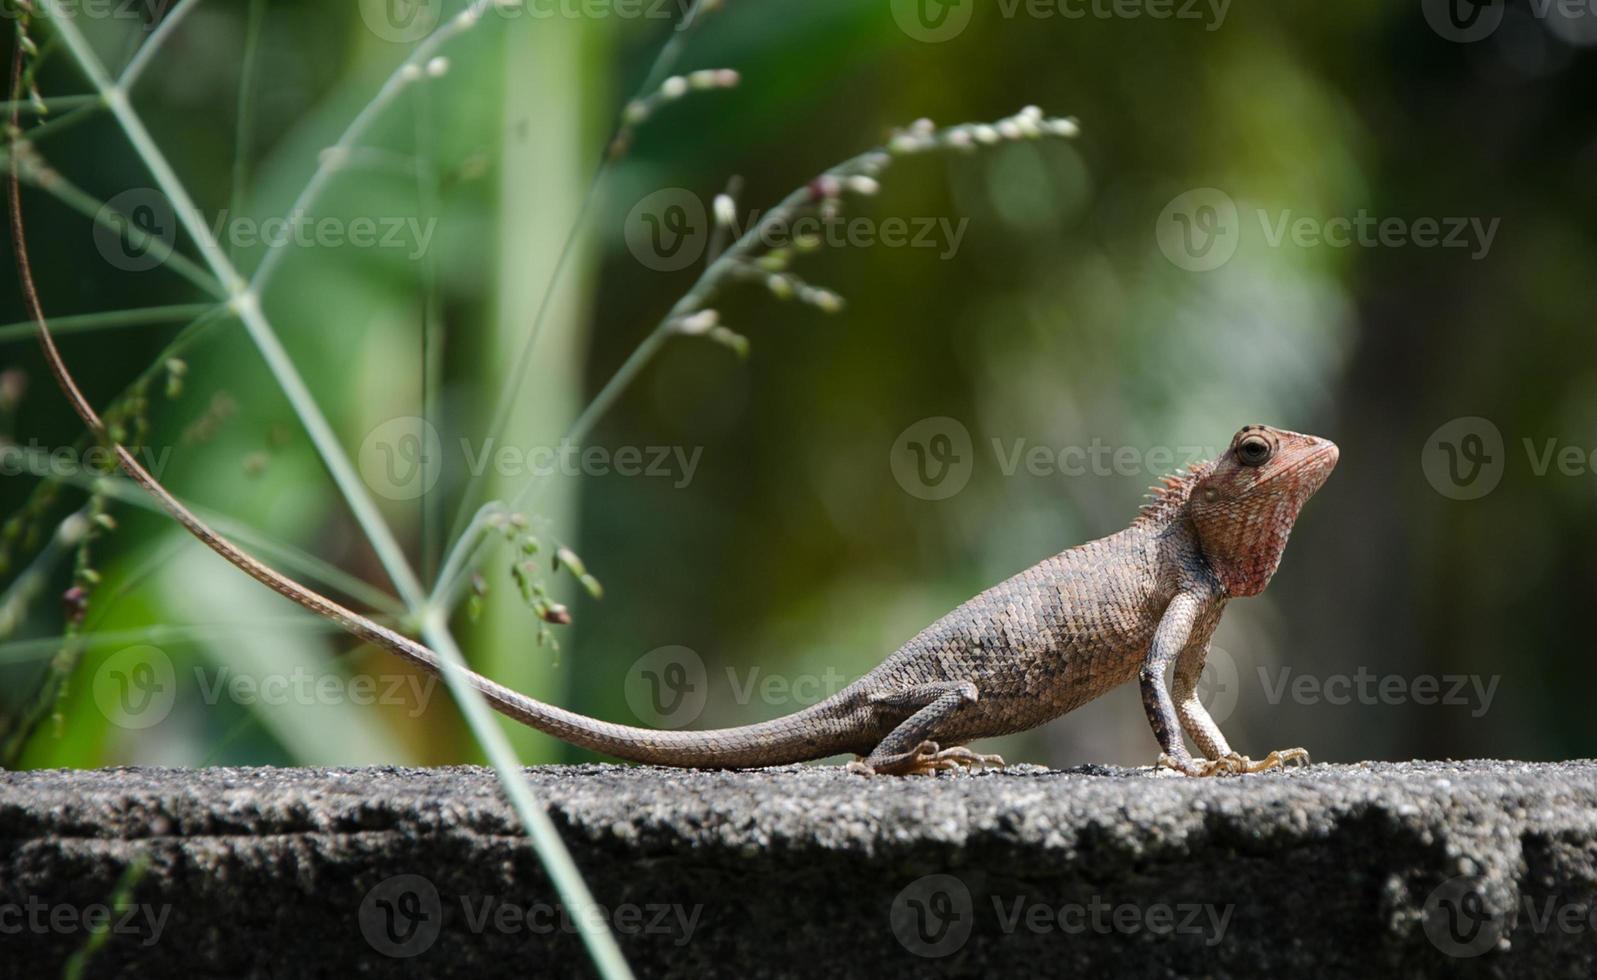 pequeno dragão. lagarto na natureza, foto